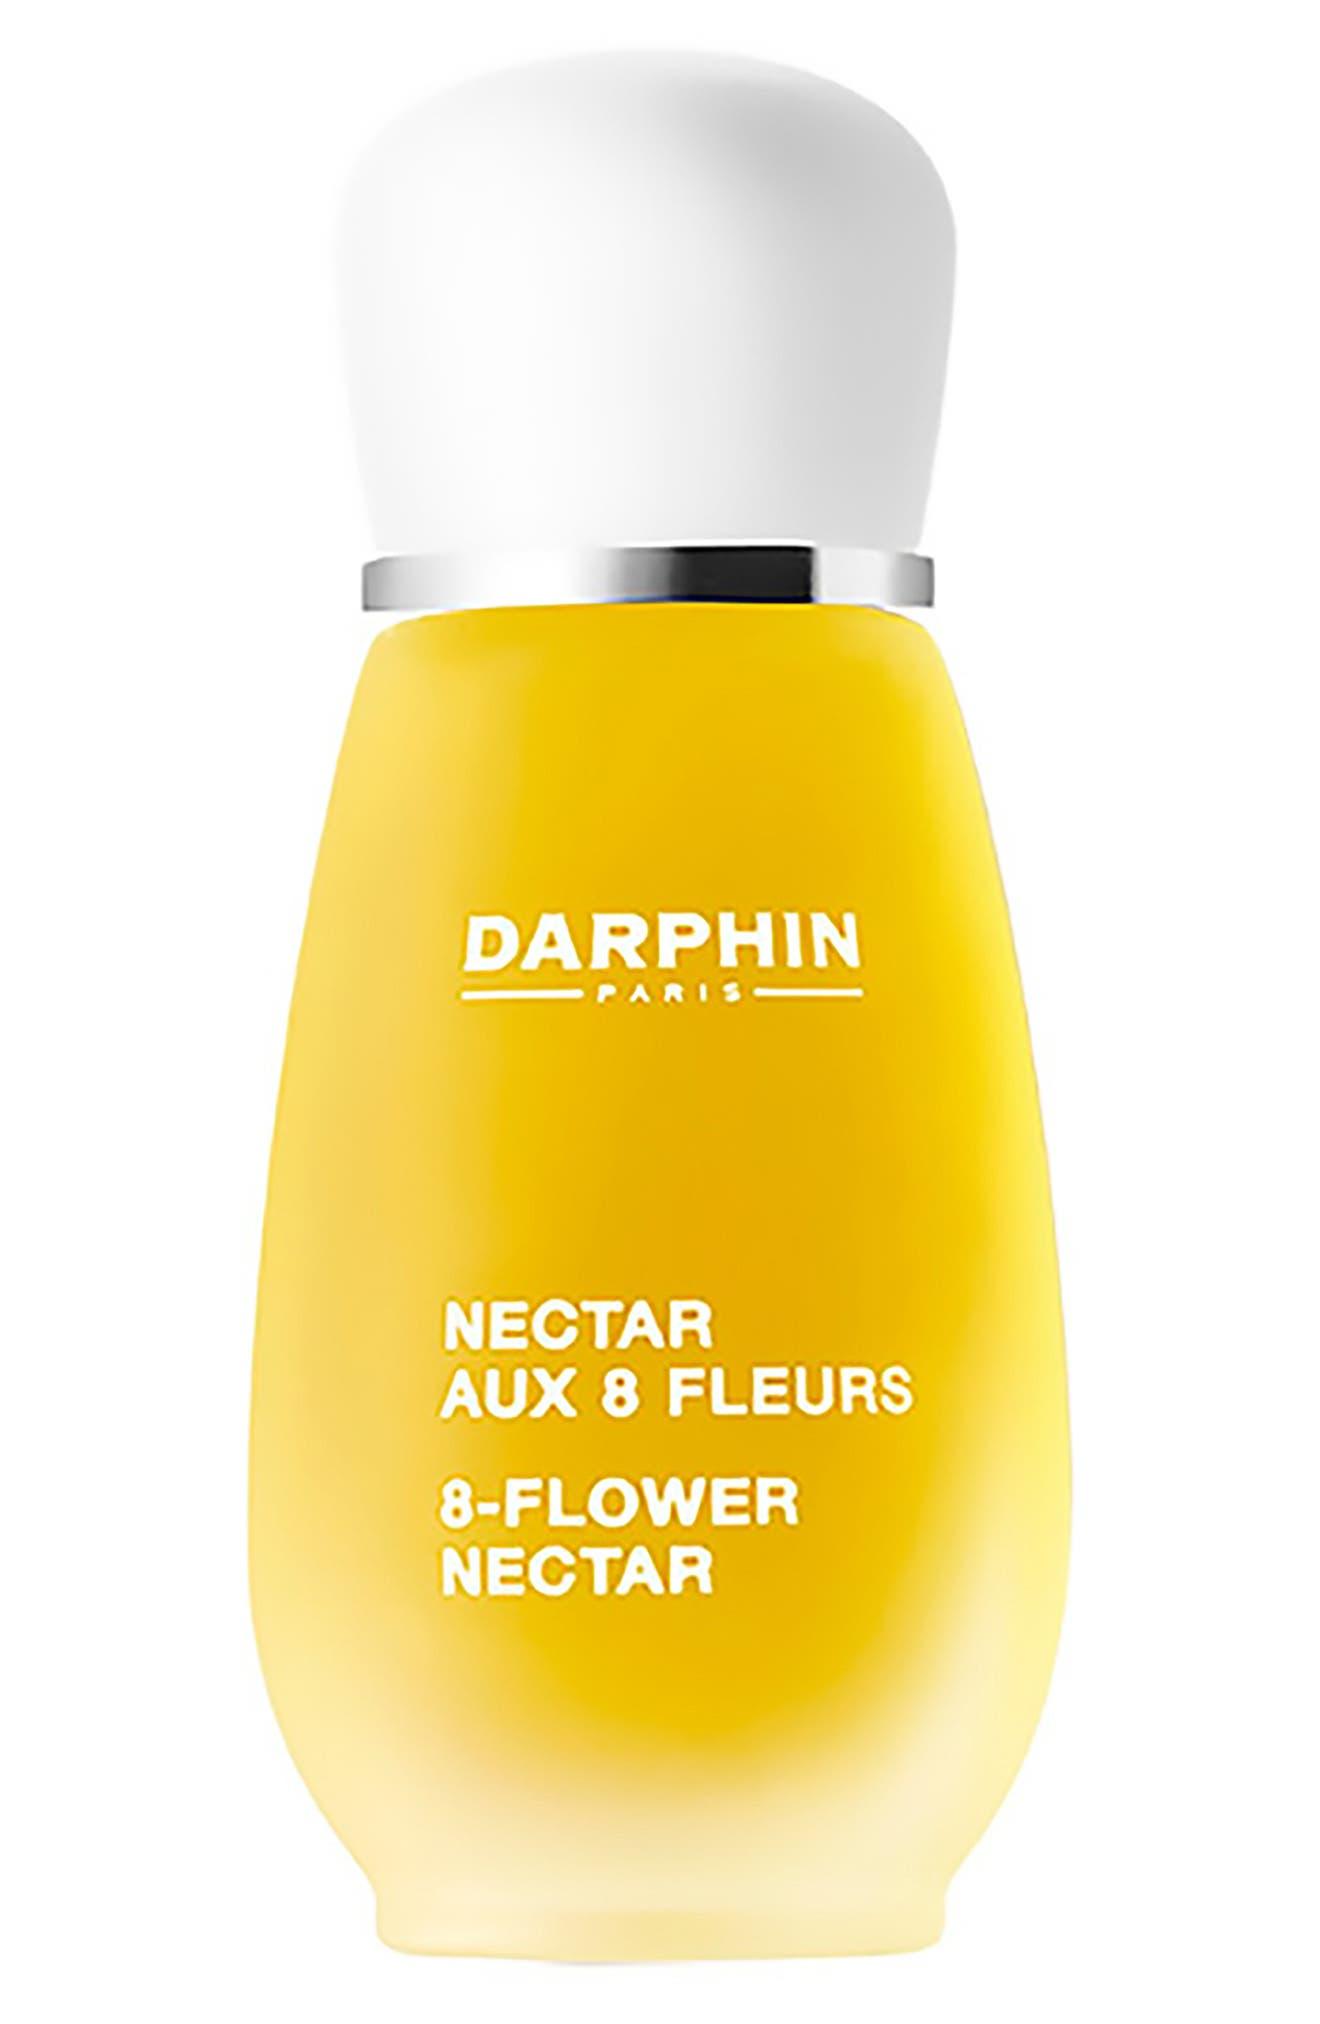 8-Flower Nectar Face Oil